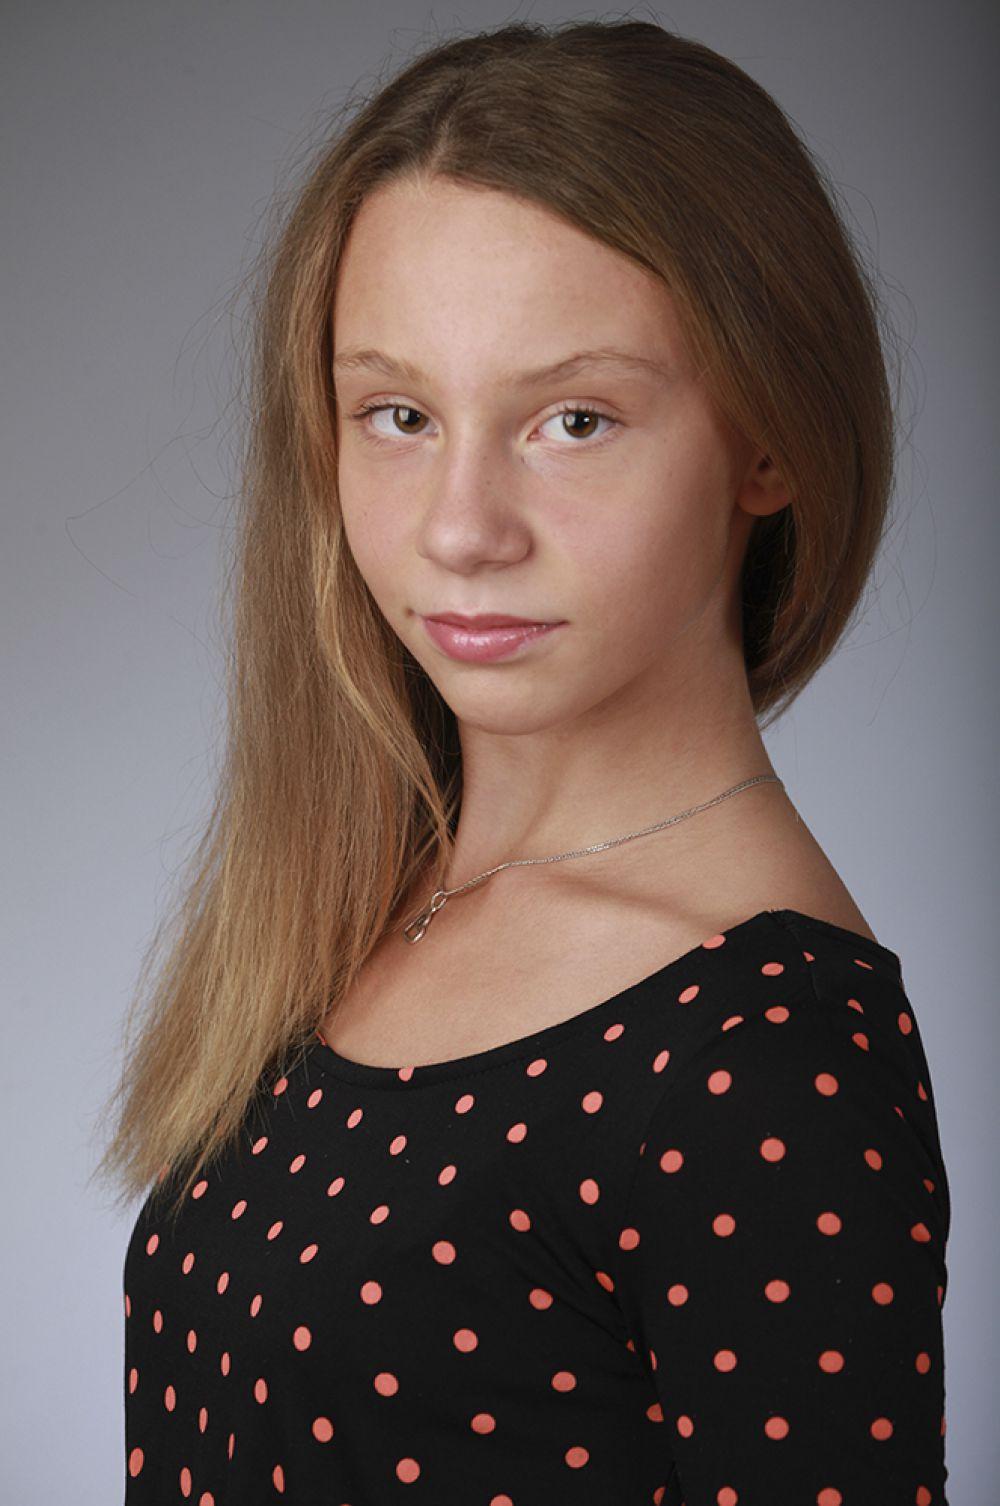 Ульяна Друбаш, 11 лет, 8-ой конкурс красоты и талантов  «Маленькая Мисс Вятка-2016». Старшая группа.